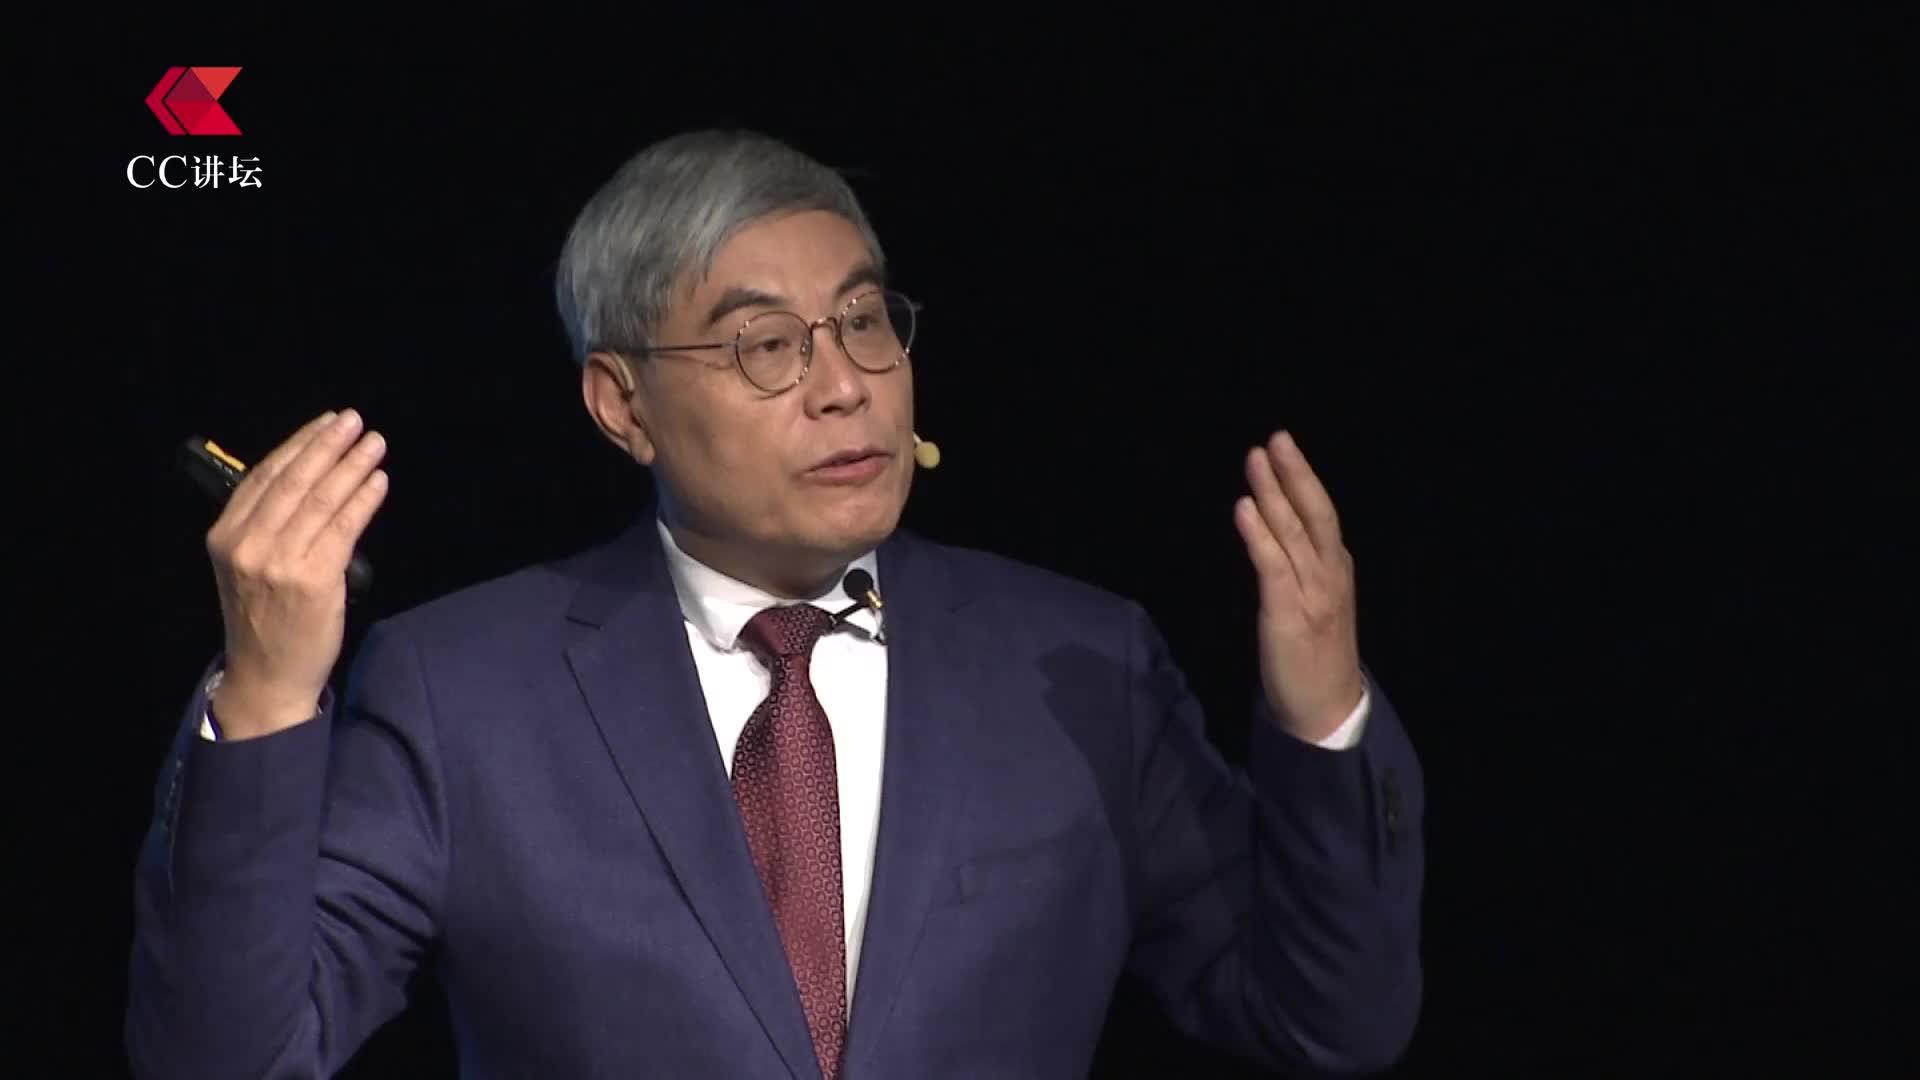 CC讲坛——吕廷杰:区块链,中国能否成为领跑者